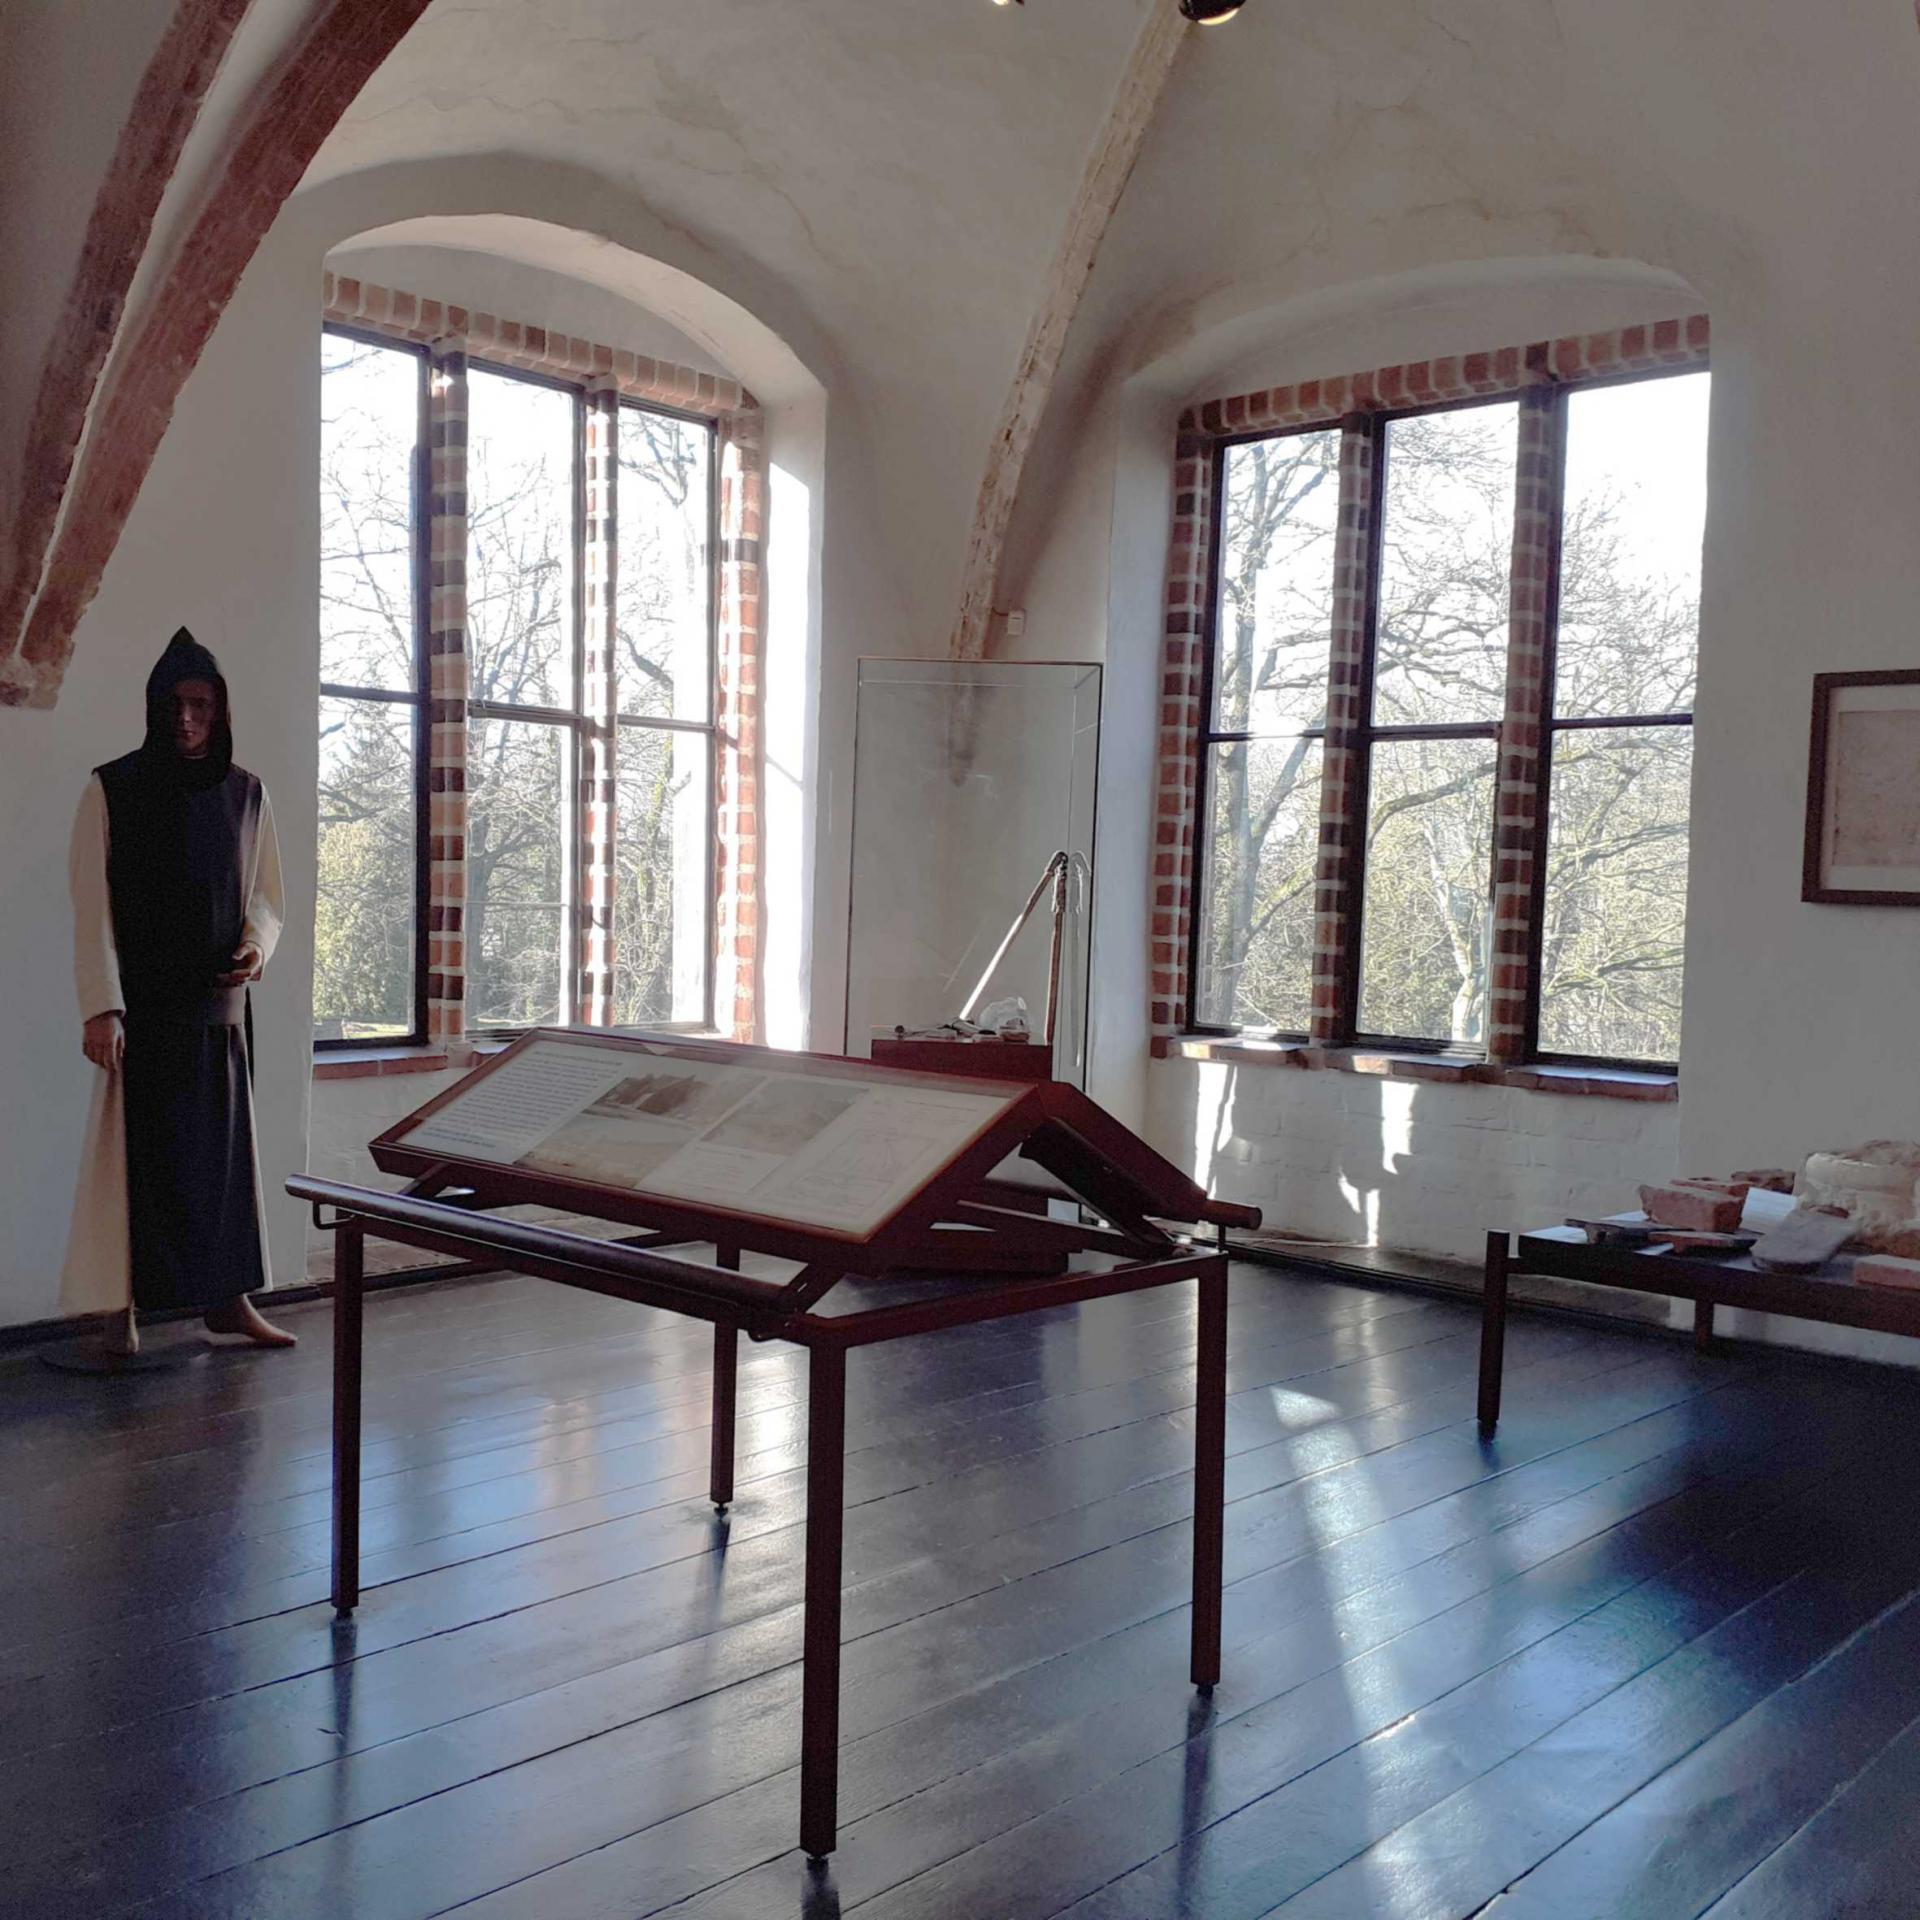 Kloster Zinna - Ausstellungsraum